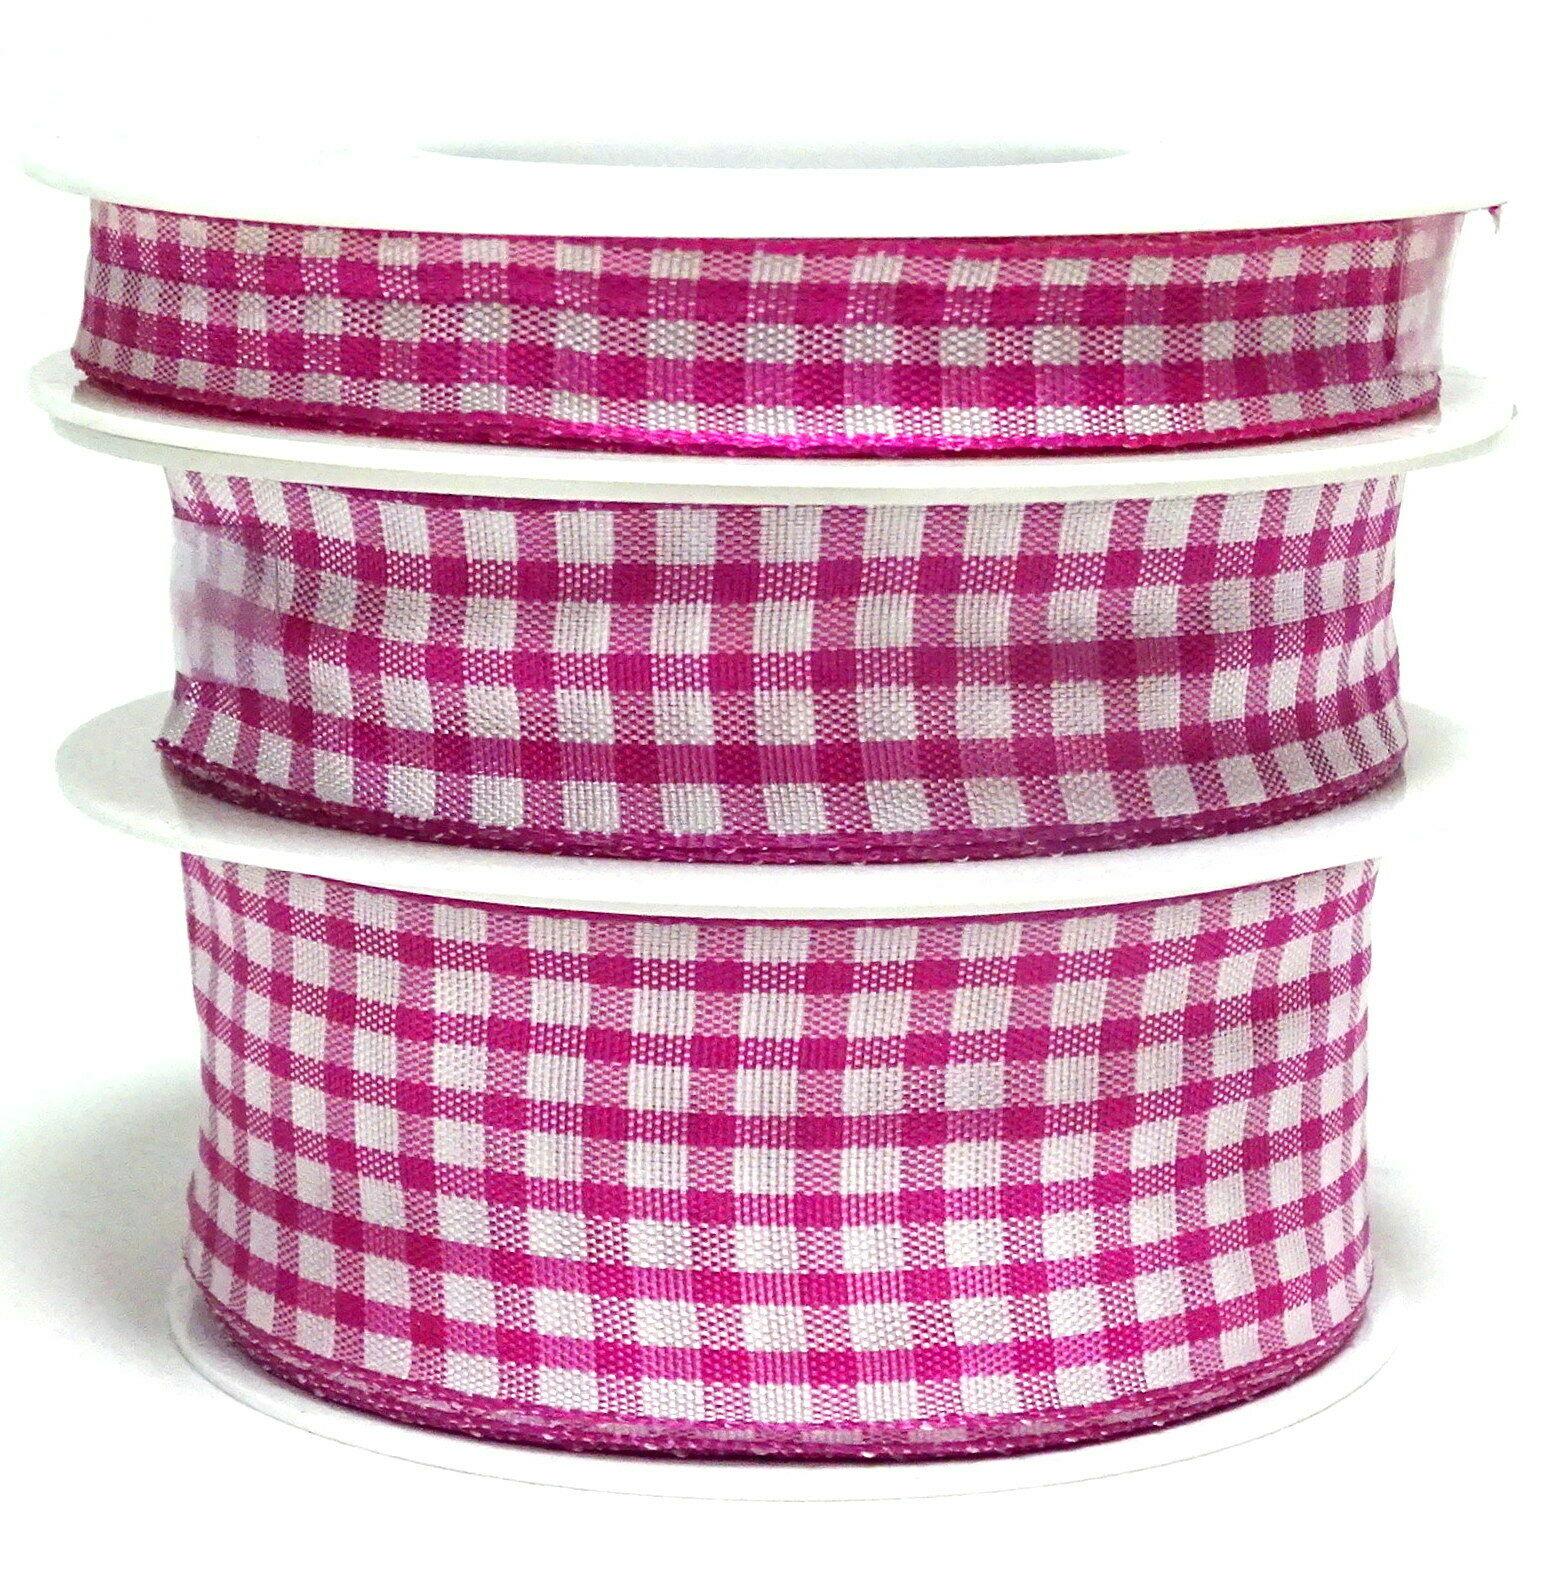 Karoband 20 m x 15mm/25mm/40mm Vichy ab 0,30€/m Schleifenband Geschenkband Deko - pink-weiß 0138, 15 mm x 20 m